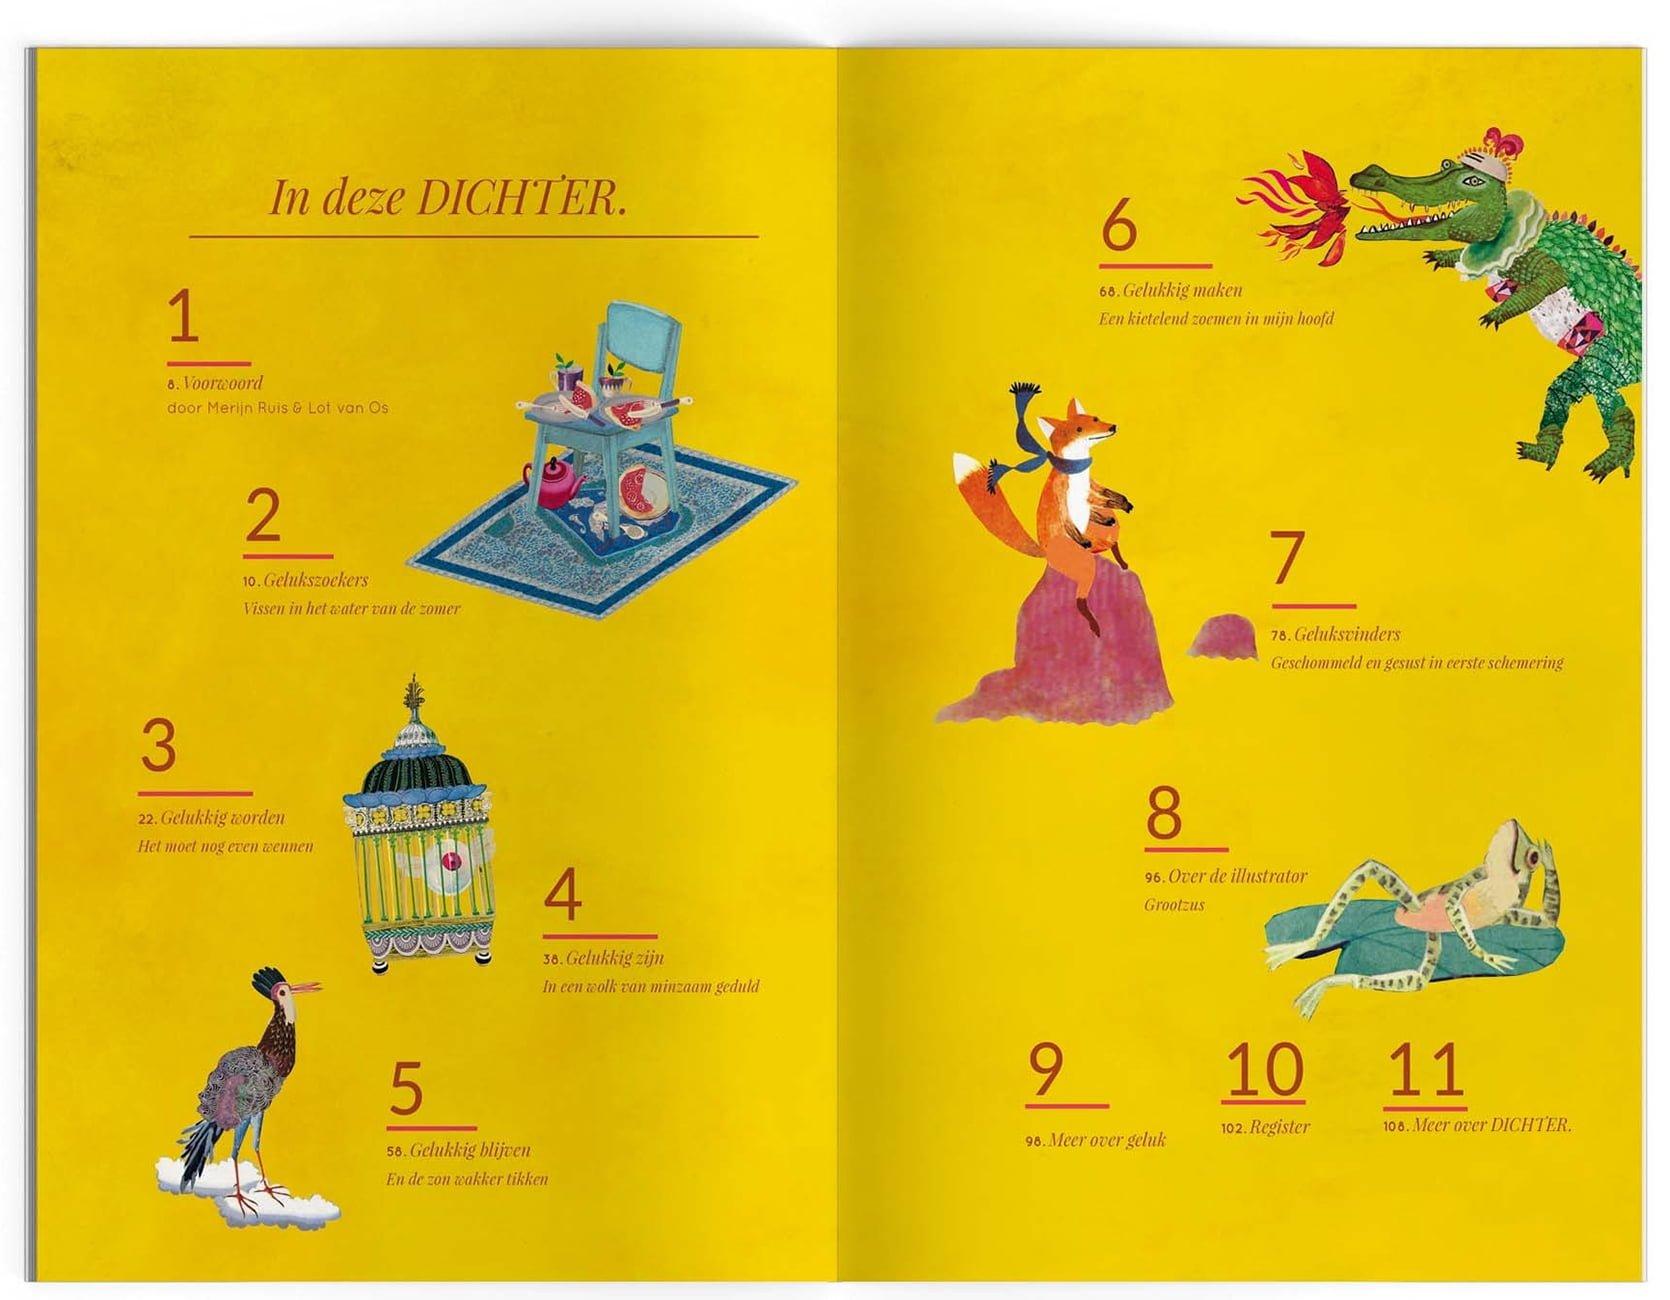 dichtbundel geluk Nederlands stichting plint  illustratie collage index inhoud